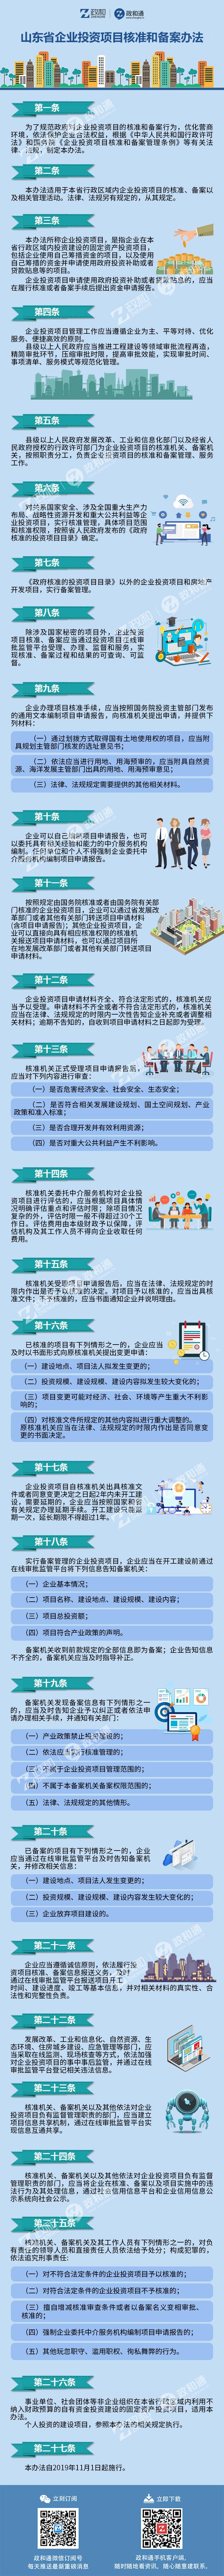 山东省企业投资项目核准和备案办法.jpg